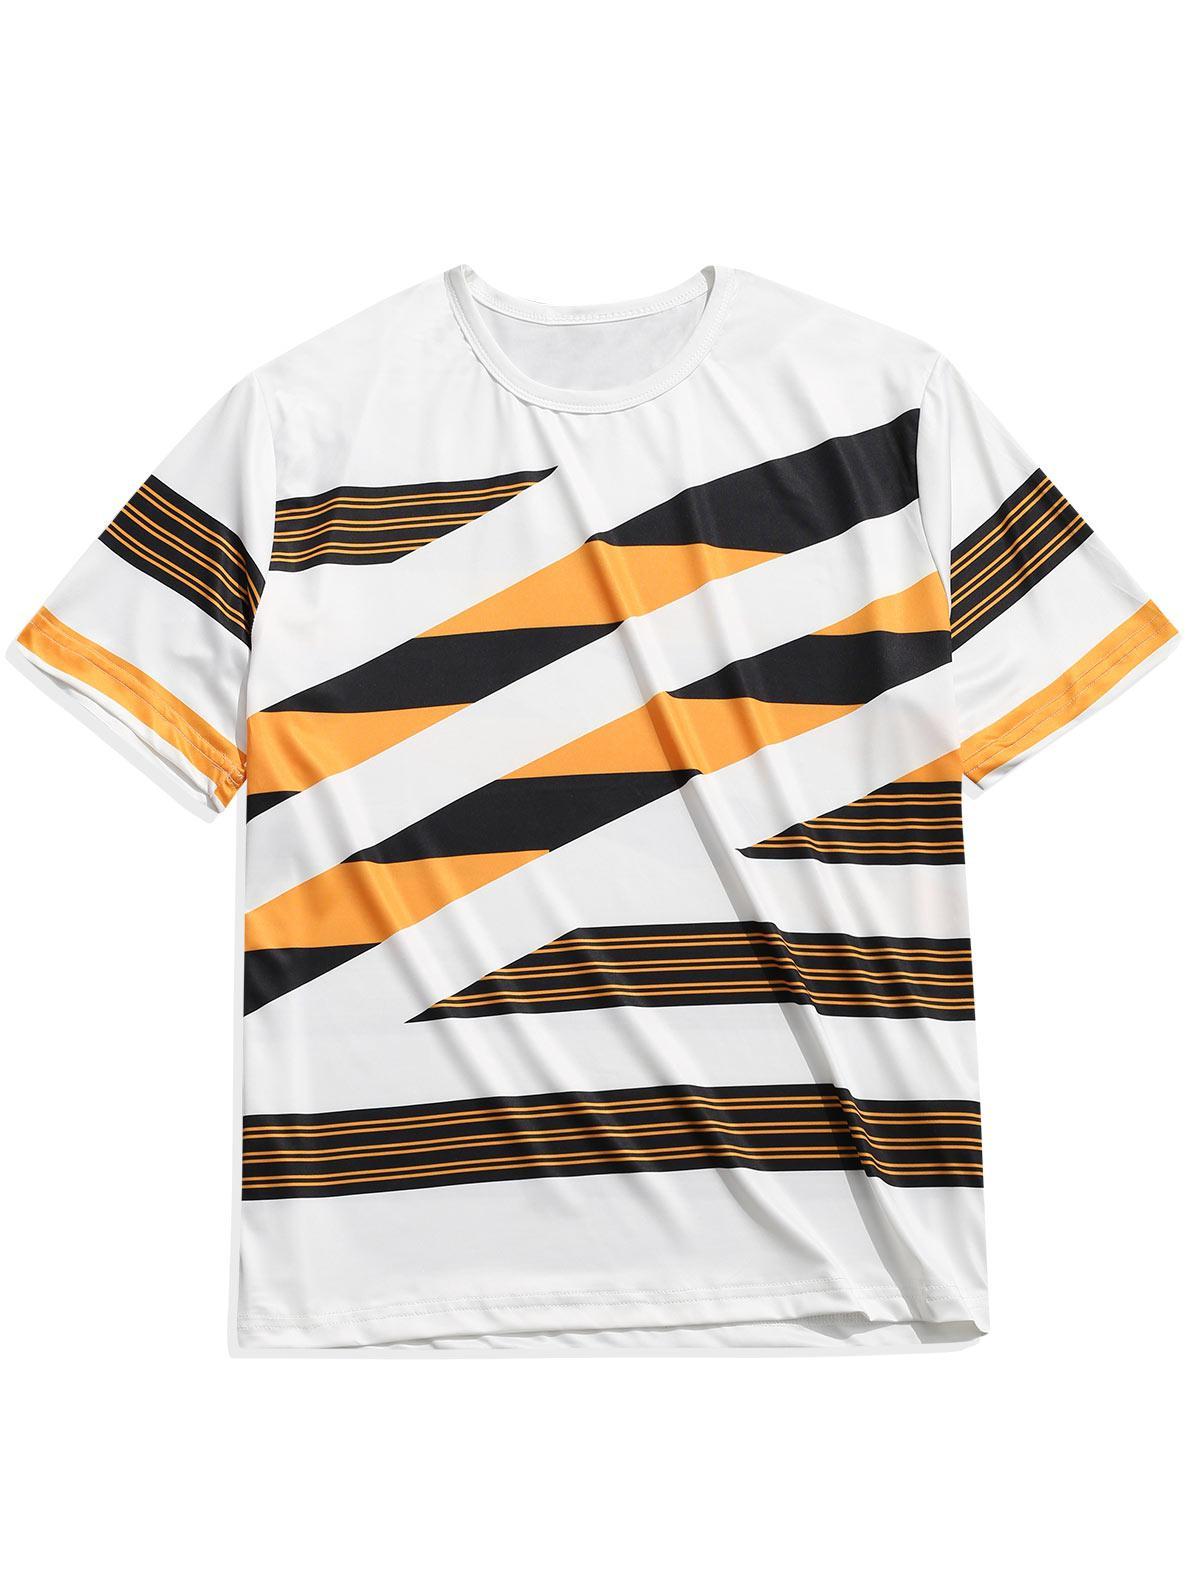 Blocco di colore a Righe Stampa Casual Manica Corta T-shirt